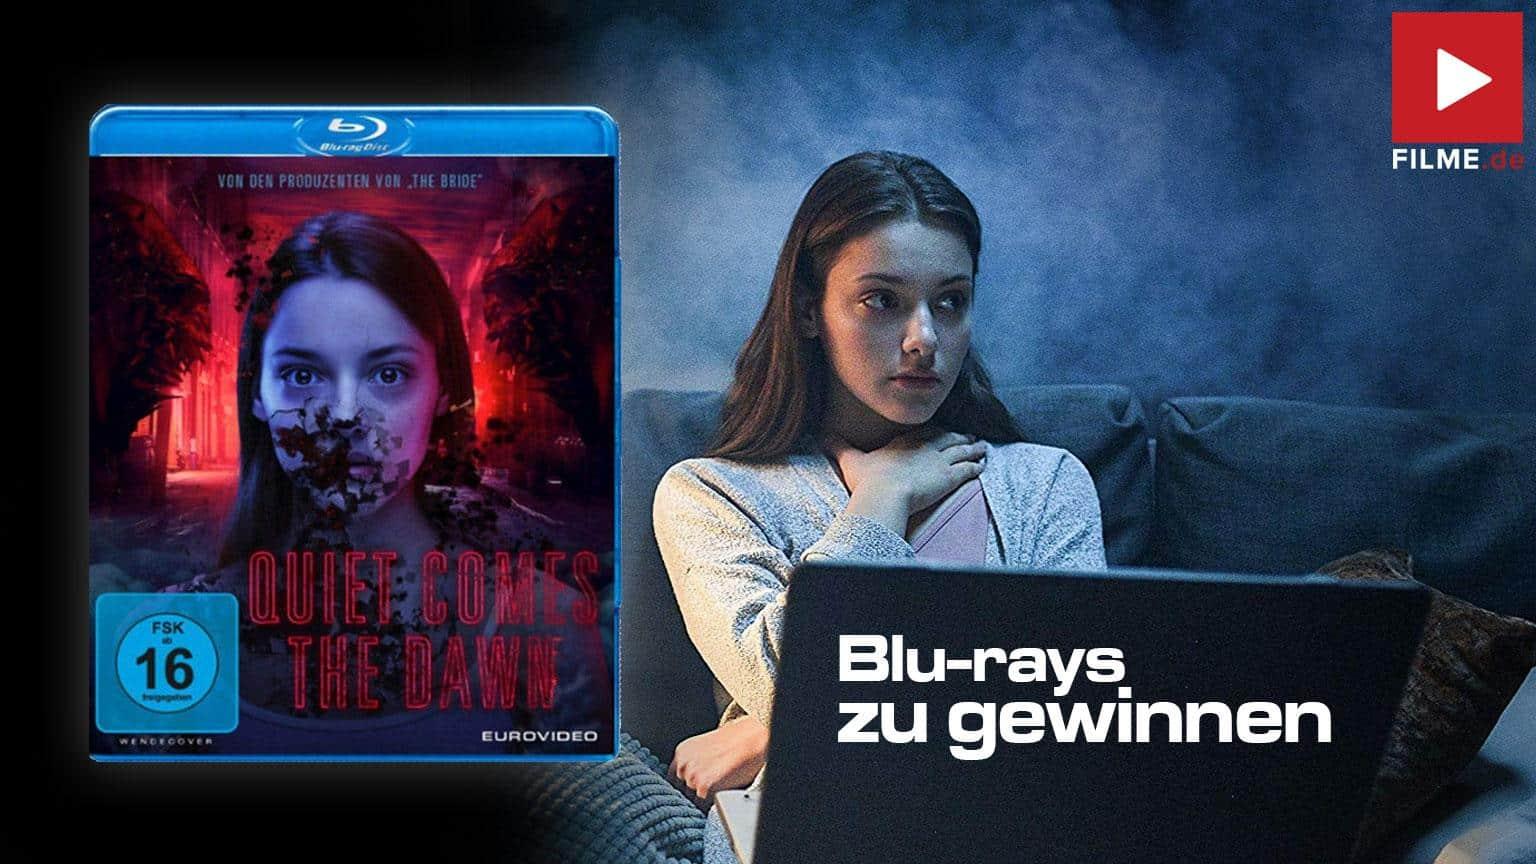 Quiet comes the down Gewinnspiel Artiklebild shop kaufen blu-ray